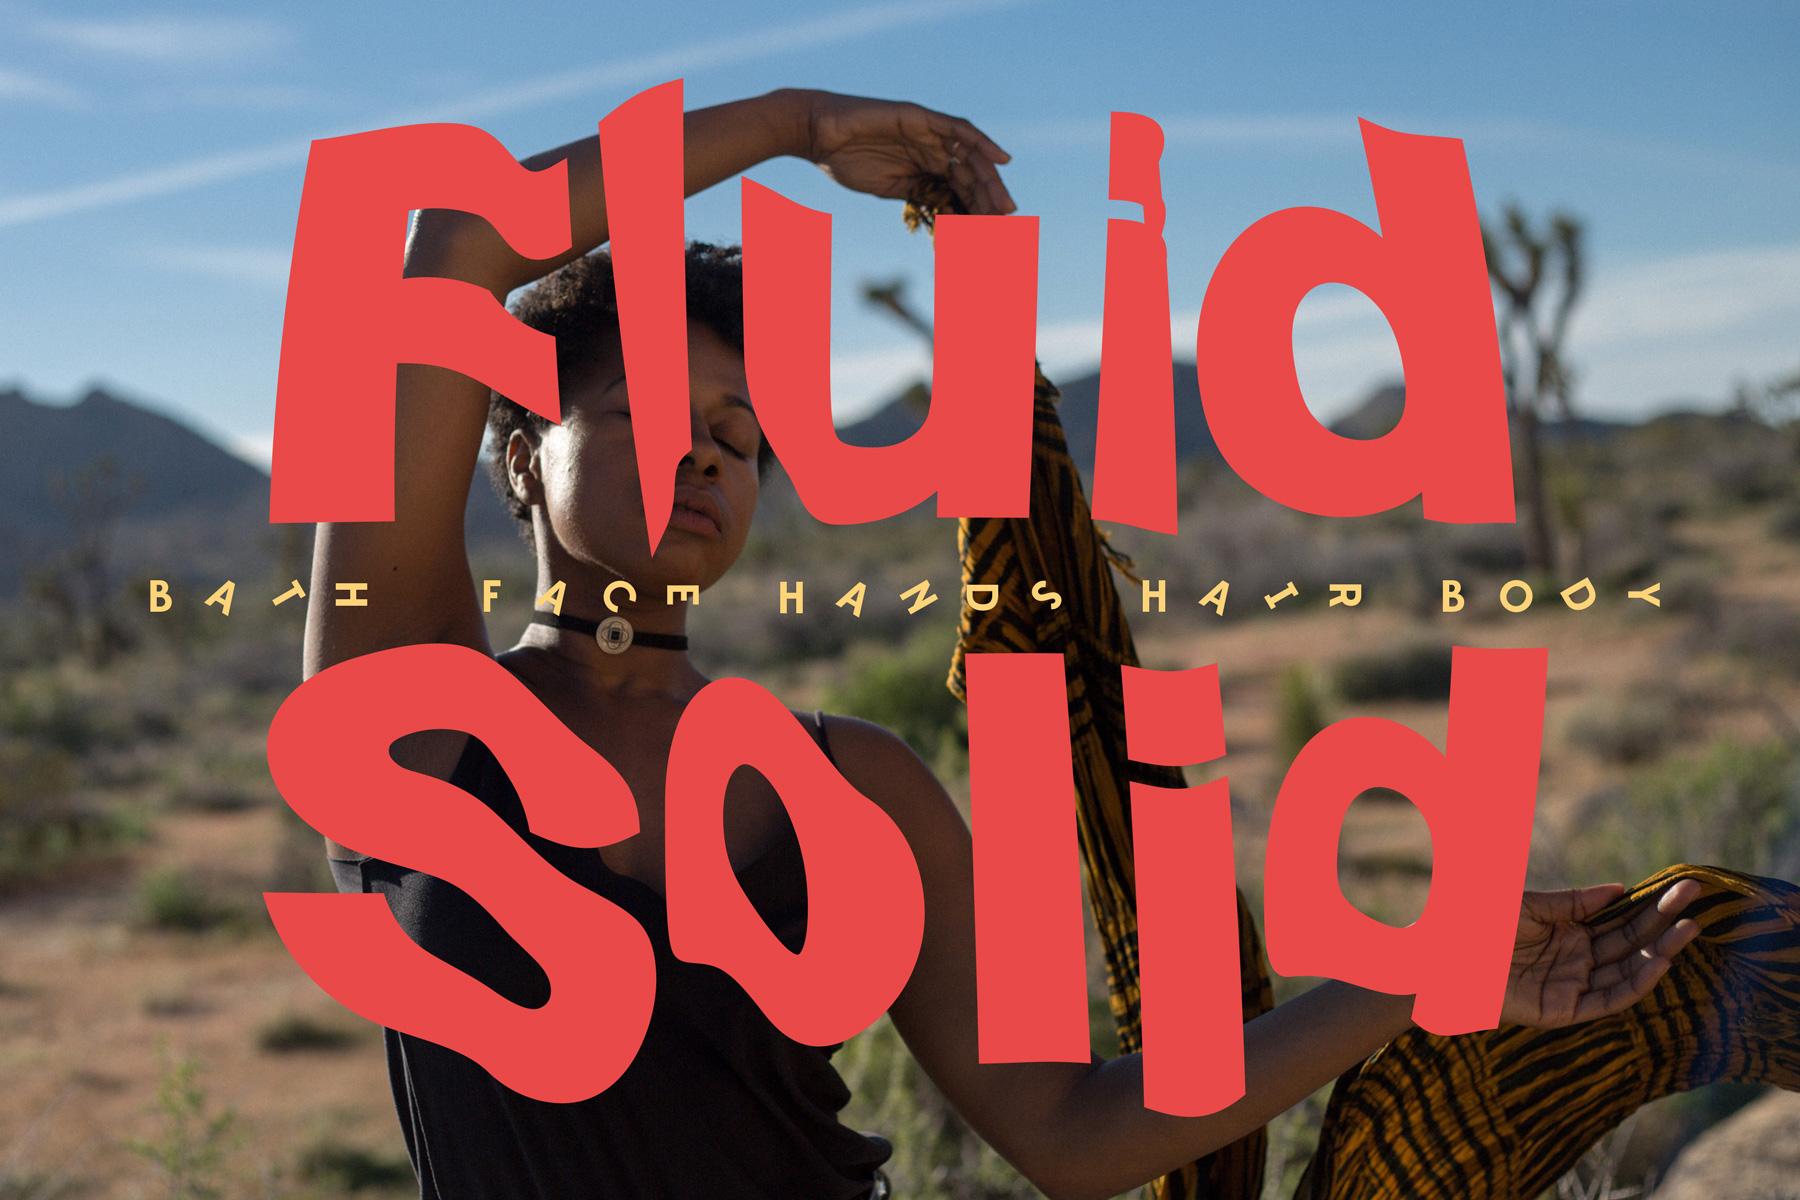 Fluid Solid Identity CI designed by Tobias Heumann